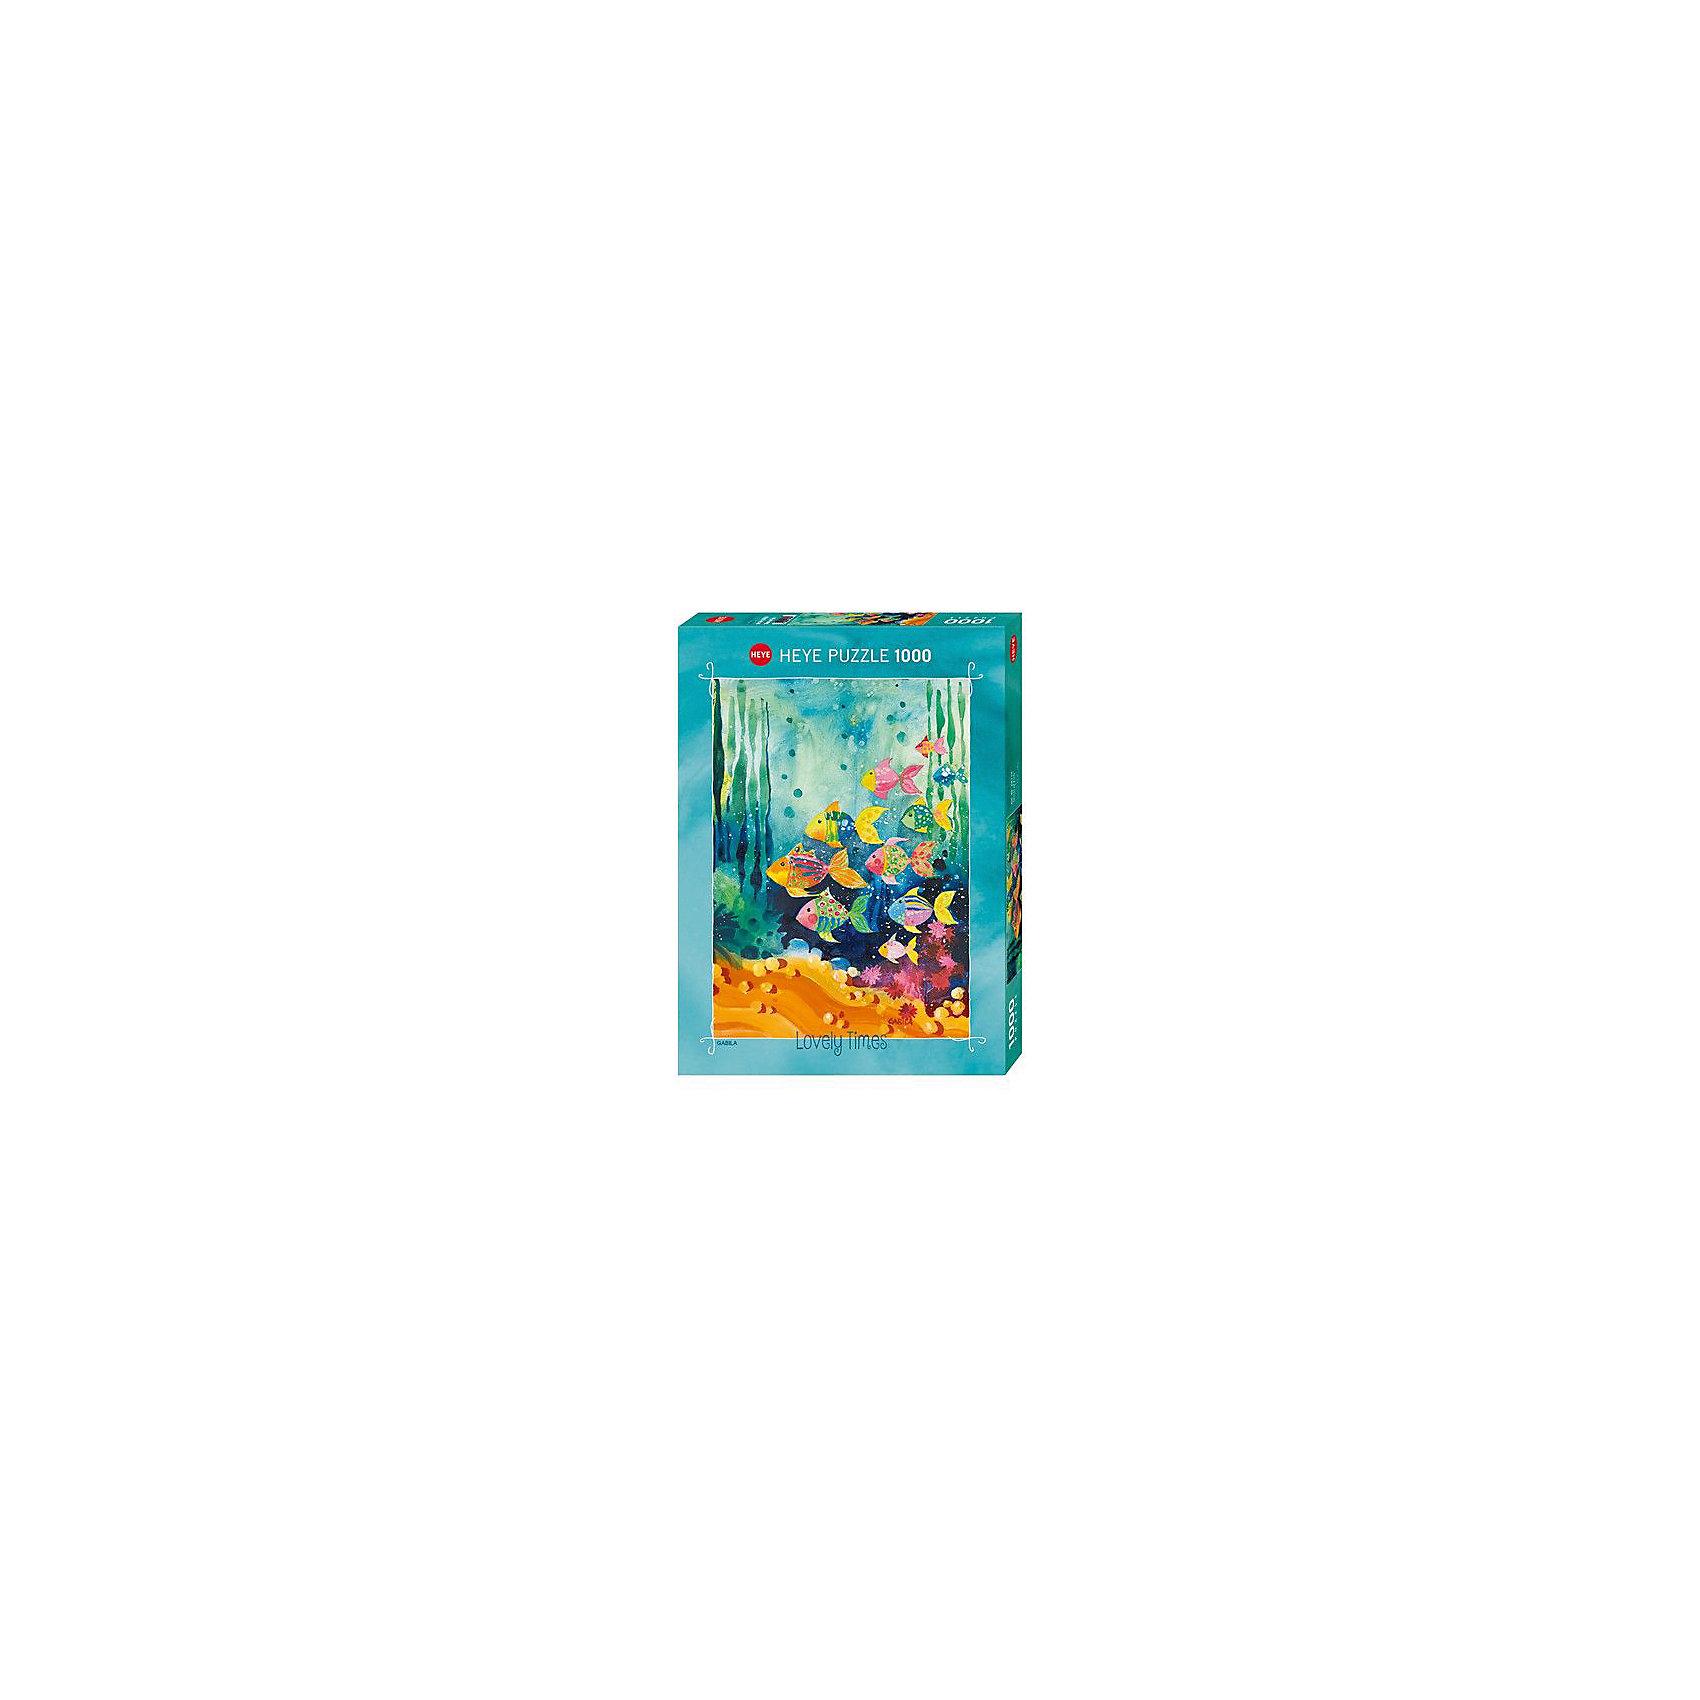 Пазлы Стая рыбок, 1000 деталей, HeyeПазлы для детей постарше<br>Характеристики товара:<br><br>• возраст: от 8 лет<br>• количество деталей: 1000 деталей <br>• размер собранного пазла: 50х70 см.<br>• материал: картон<br>• упаковка: картонная коробка <br>• размер упаковки: 27х37х5 см.<br>• вес: 840 гр.<br>• страна обладатель бренда: Германия<br><br>Яркие и красочные элементы  пазла образуют картину Стаи рыбок, которая отлично впишется в интерьер детской комнаты. <br><br>Качественный материал элементов пазла позволяет  собрать и сохранить картину, создавая в меру глянцевый эффект (а значит не сильно бликующий) и хорошую сцепку деталей.<br><br>Сбор элементов в одно изображение способствует развитию образного и логического мышления, атакже является увлекательным и интересным процессом.<br><br>Пазл Стая рыбок, 1000 деталей, HEYE ( ХАЙЕ) можно купить в нашем интернет-магазине.<br><br>Ширина мм: 371<br>Глубина мм: 55<br>Высота мм: 271<br>Вес г: 840<br>Возраст от месяцев: 216<br>Возраст до месяцев: 2147483647<br>Пол: Унисекс<br>Возраст: Детский<br>SKU: 6881437